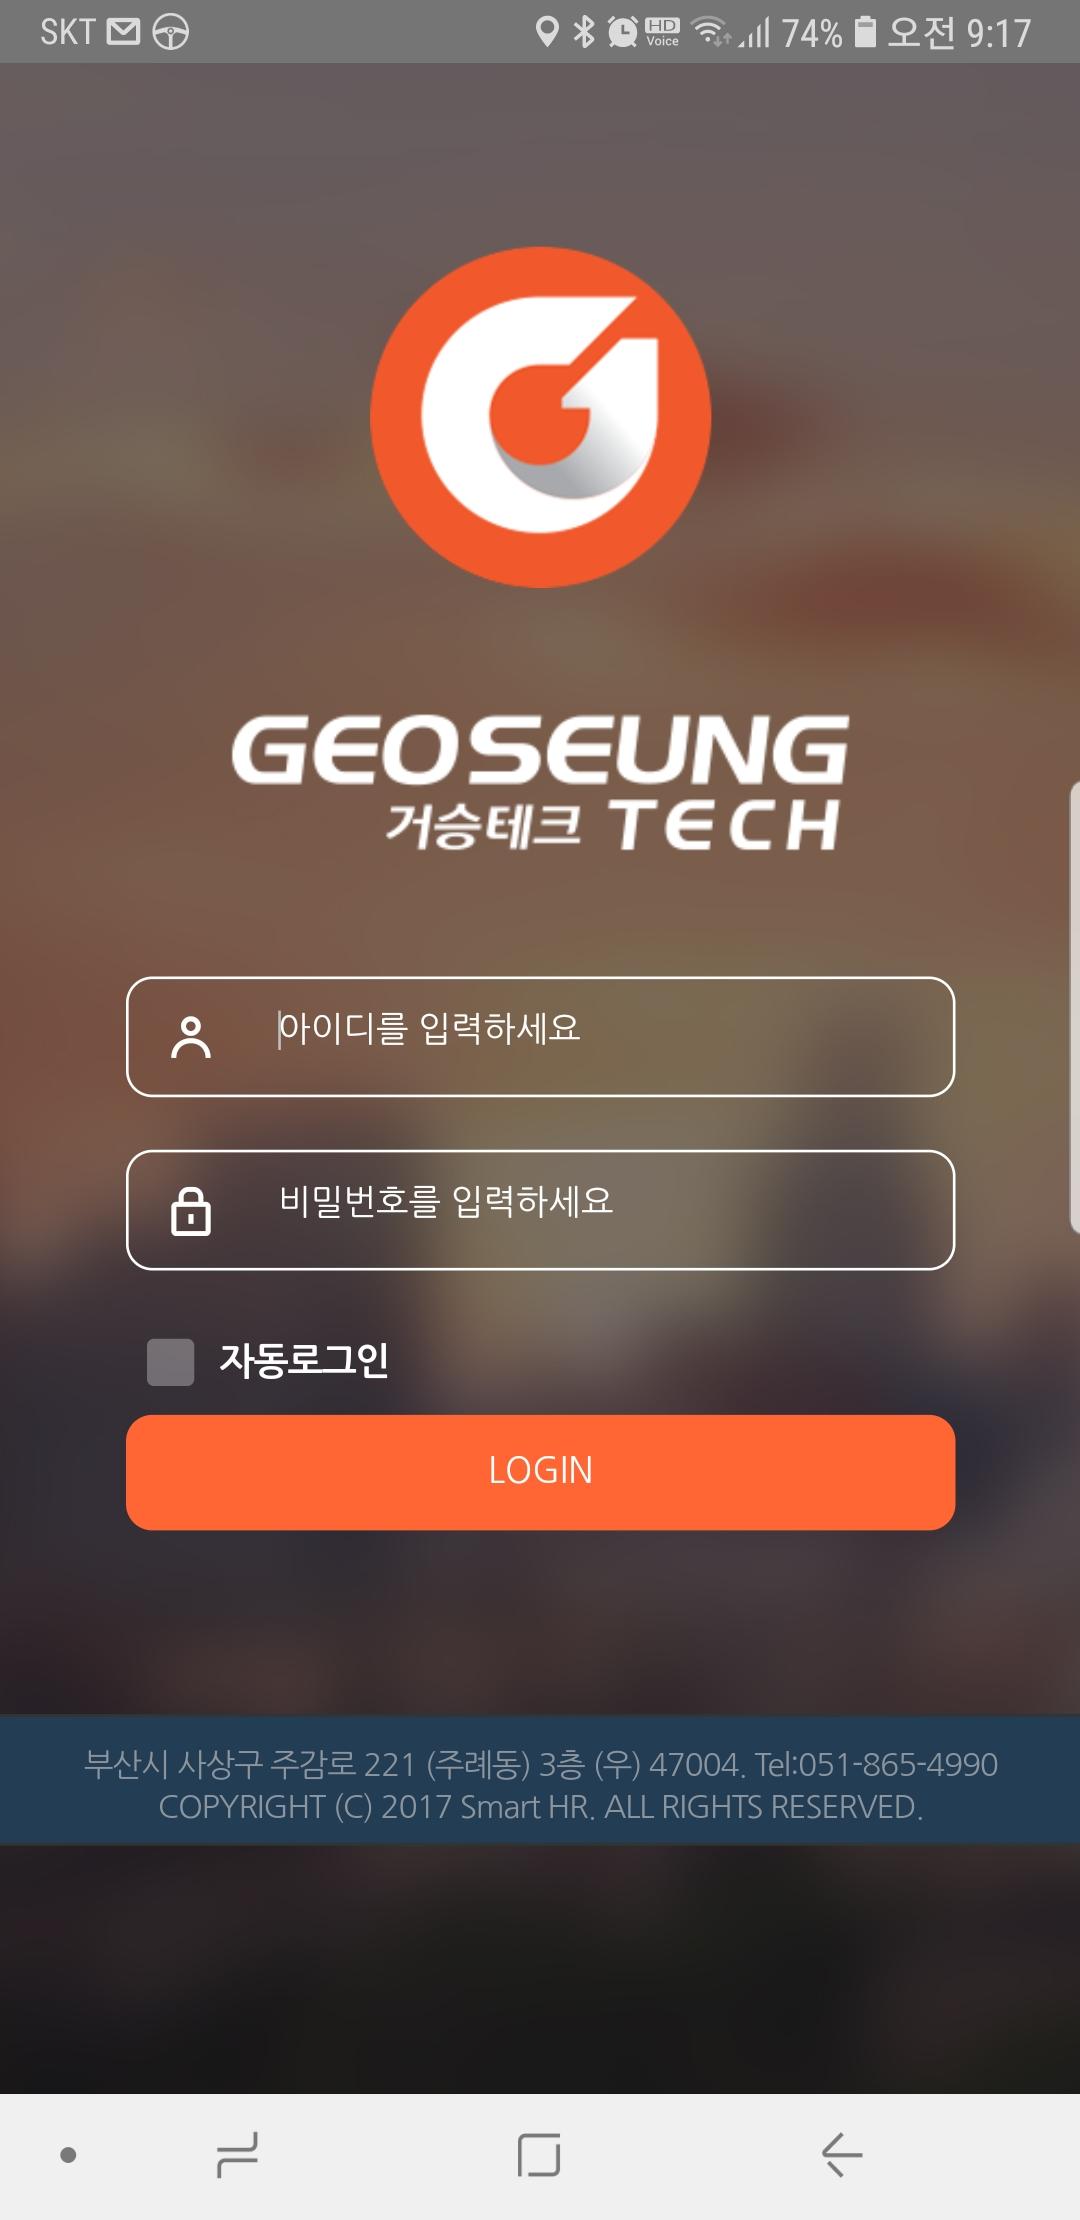 Screenshot_20180807-091735_GeoseungTech.jpg